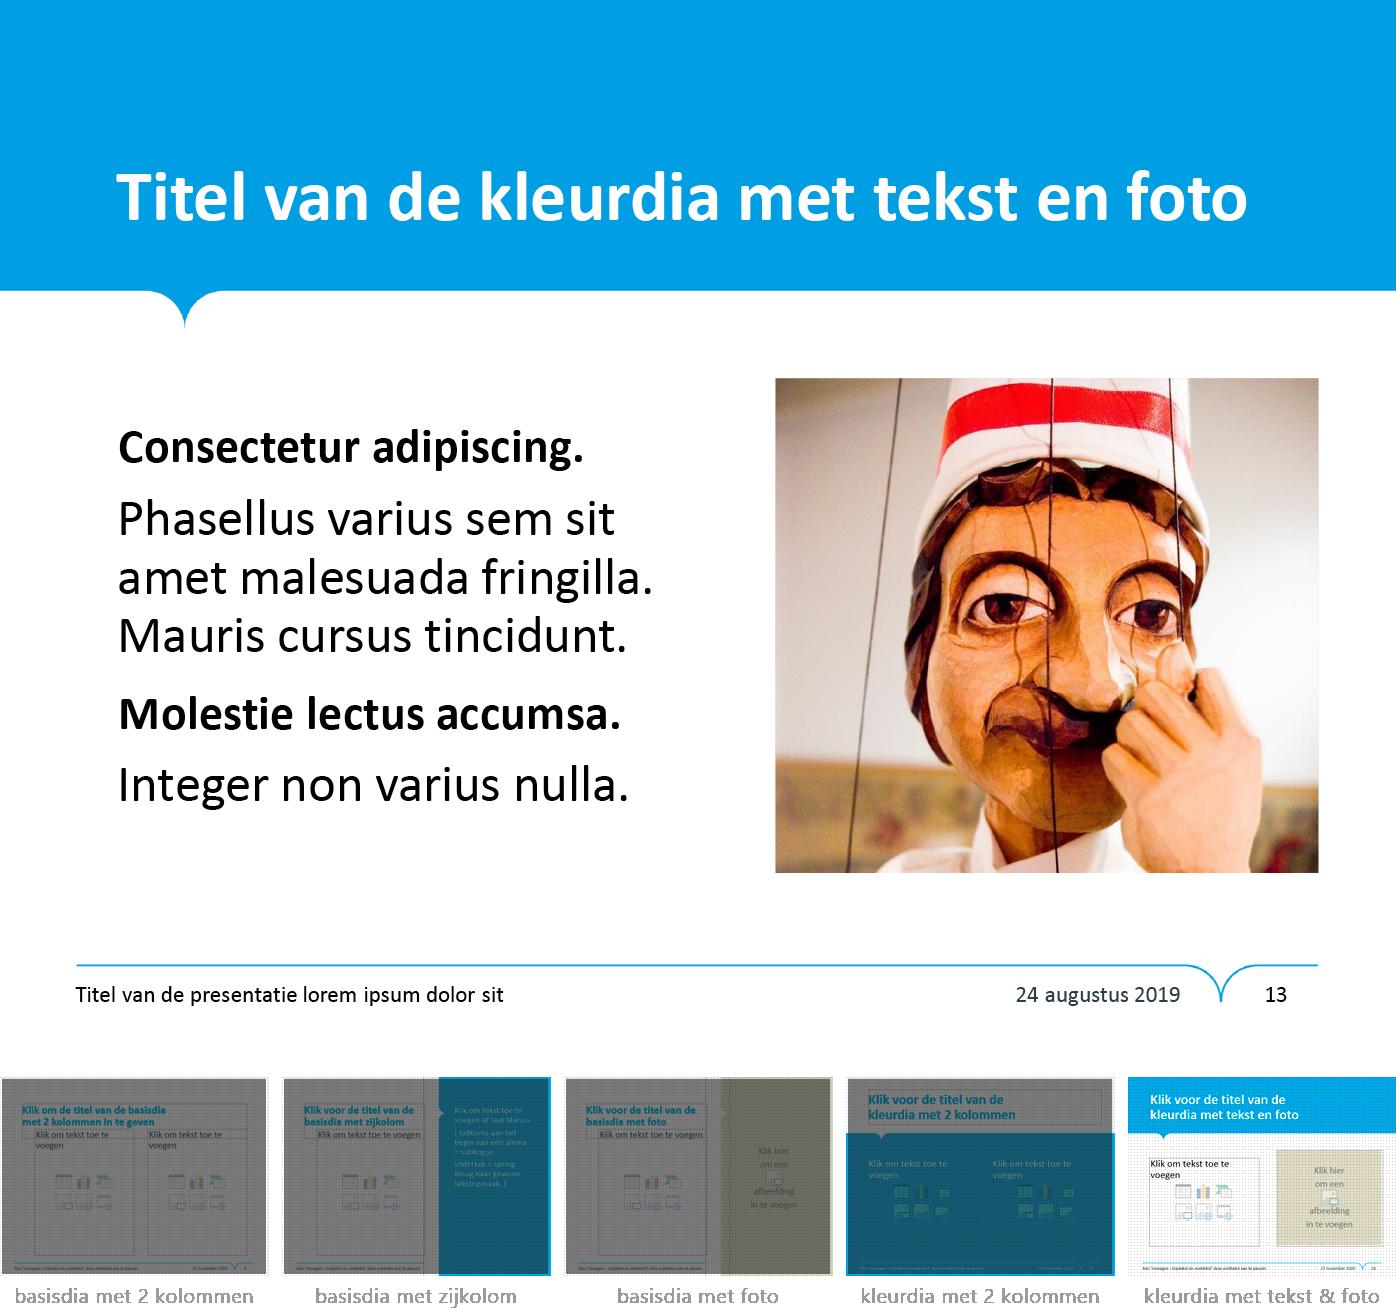 """Dia-type """"kleurdia met tekst en foto"""" uit het Powerpoint-sjabloon van de Stad Gent."""